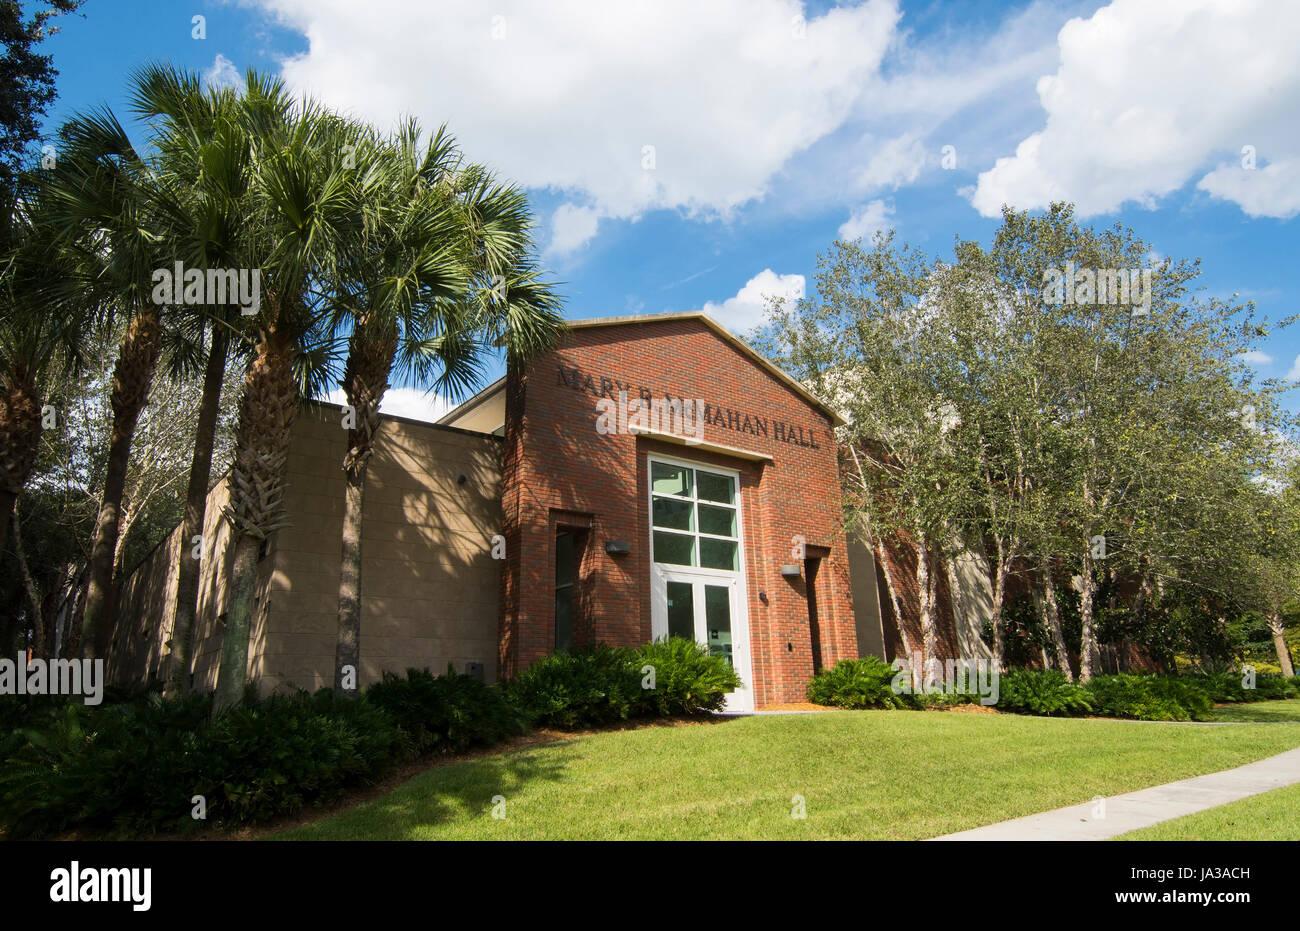 Deland Florida Stetson University college Mary McMahan Music Hall de petite ville Banque D'Images